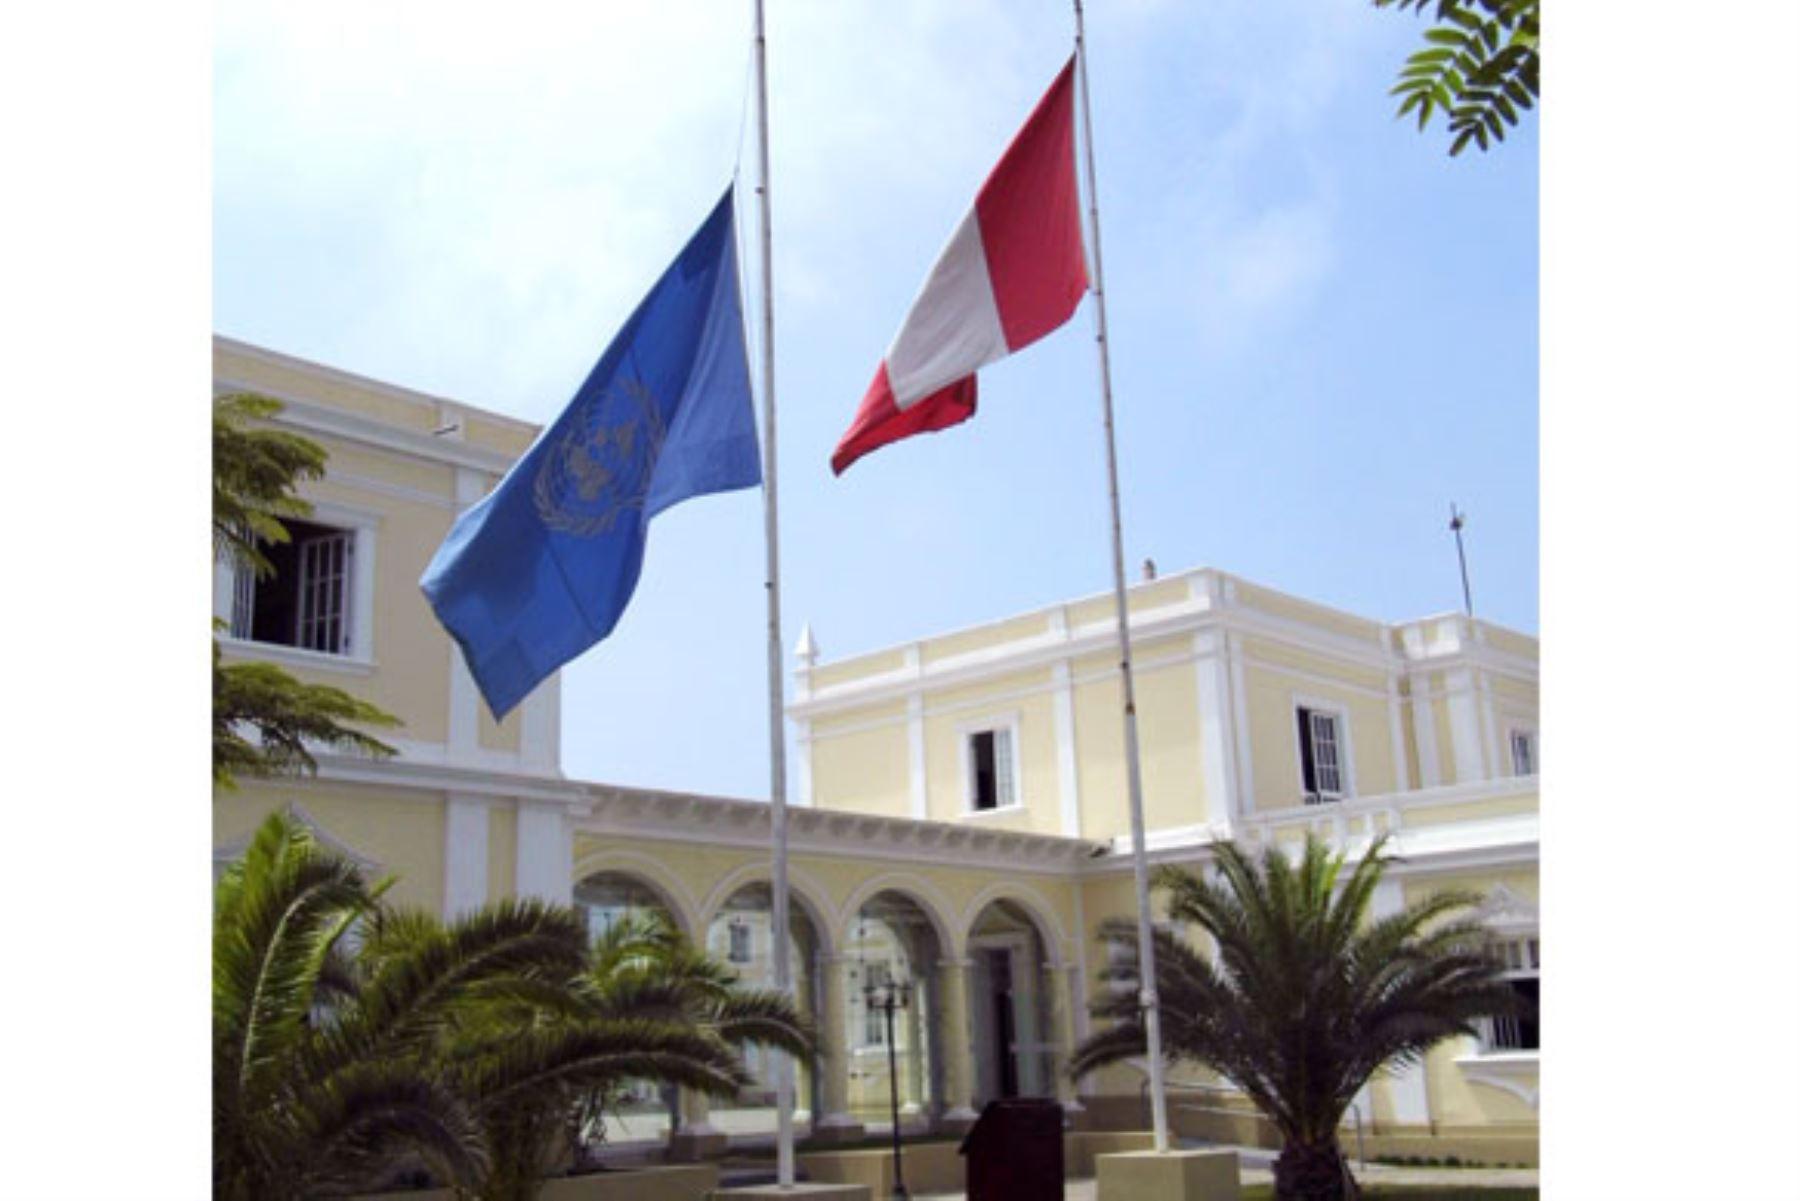 Naciones Unidas saluda al pueblo peruano por su compromiso democrático